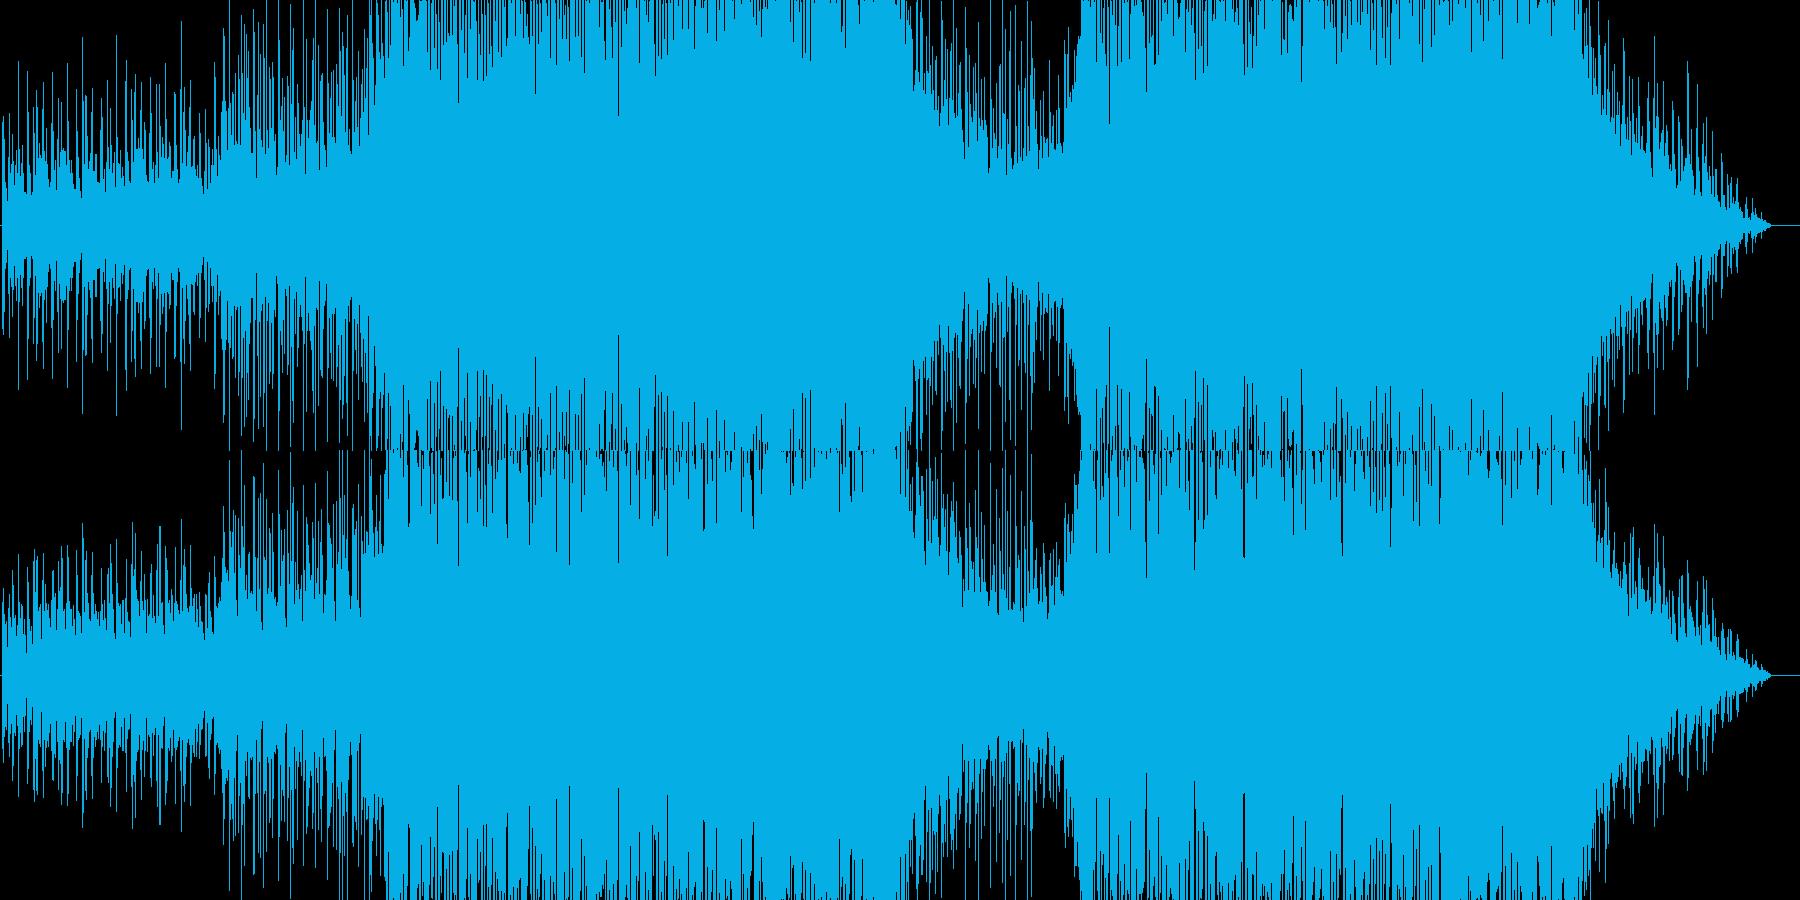 疾走感と未来感のある電子音楽の再生済みの波形